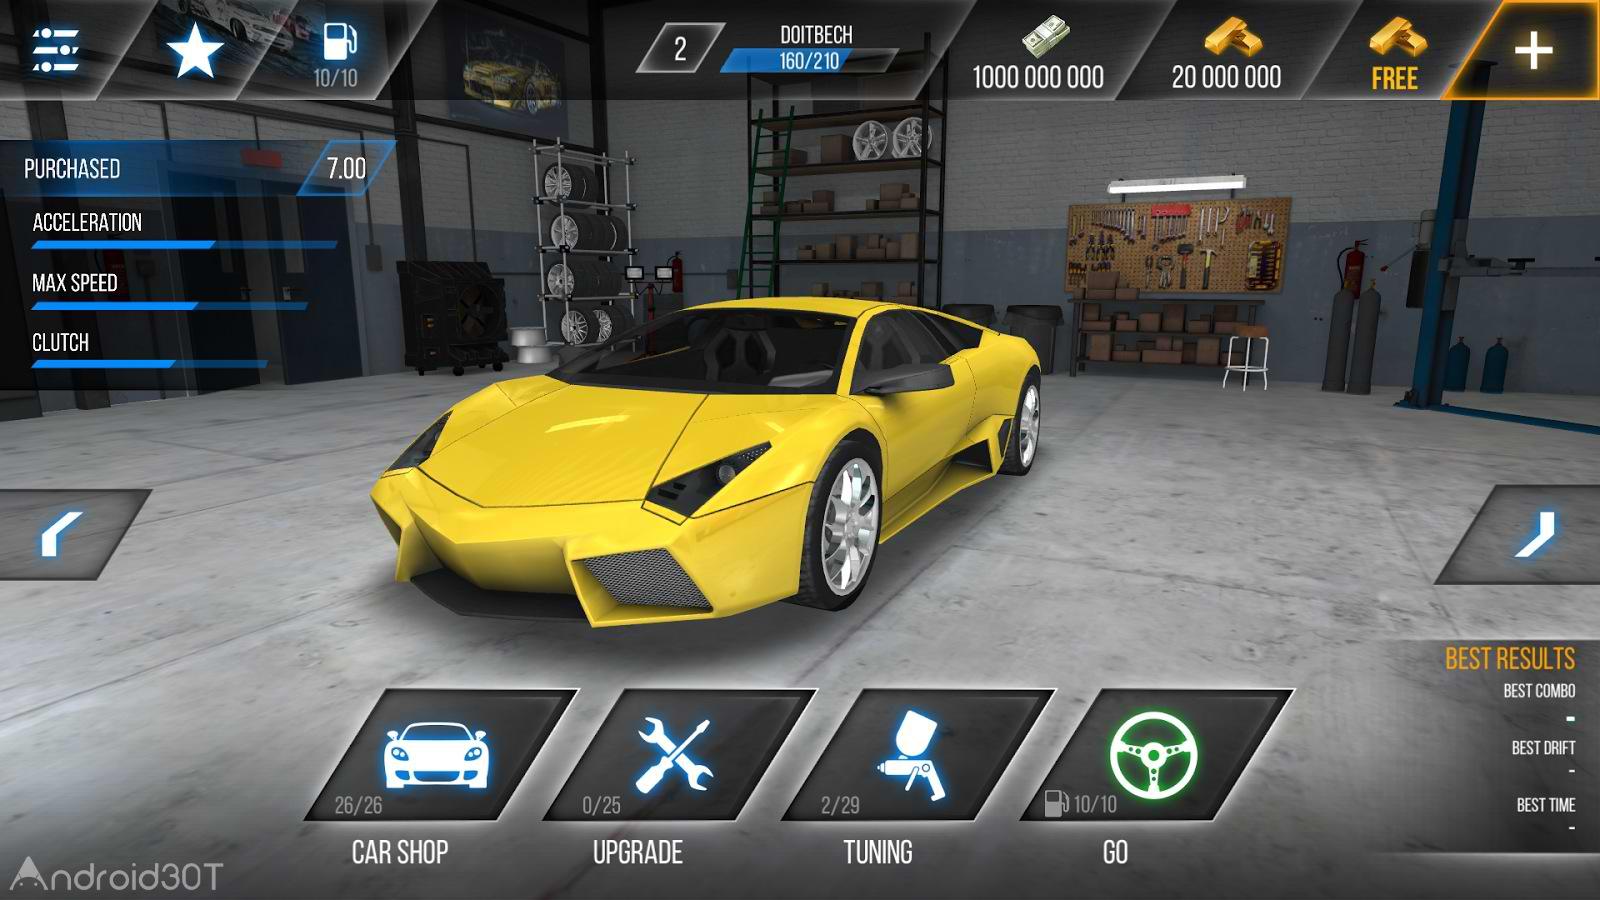 دانلود Top Cars: Drift Racing 2.2.66 – بازی مسابقات مهیج دریفت اندروید